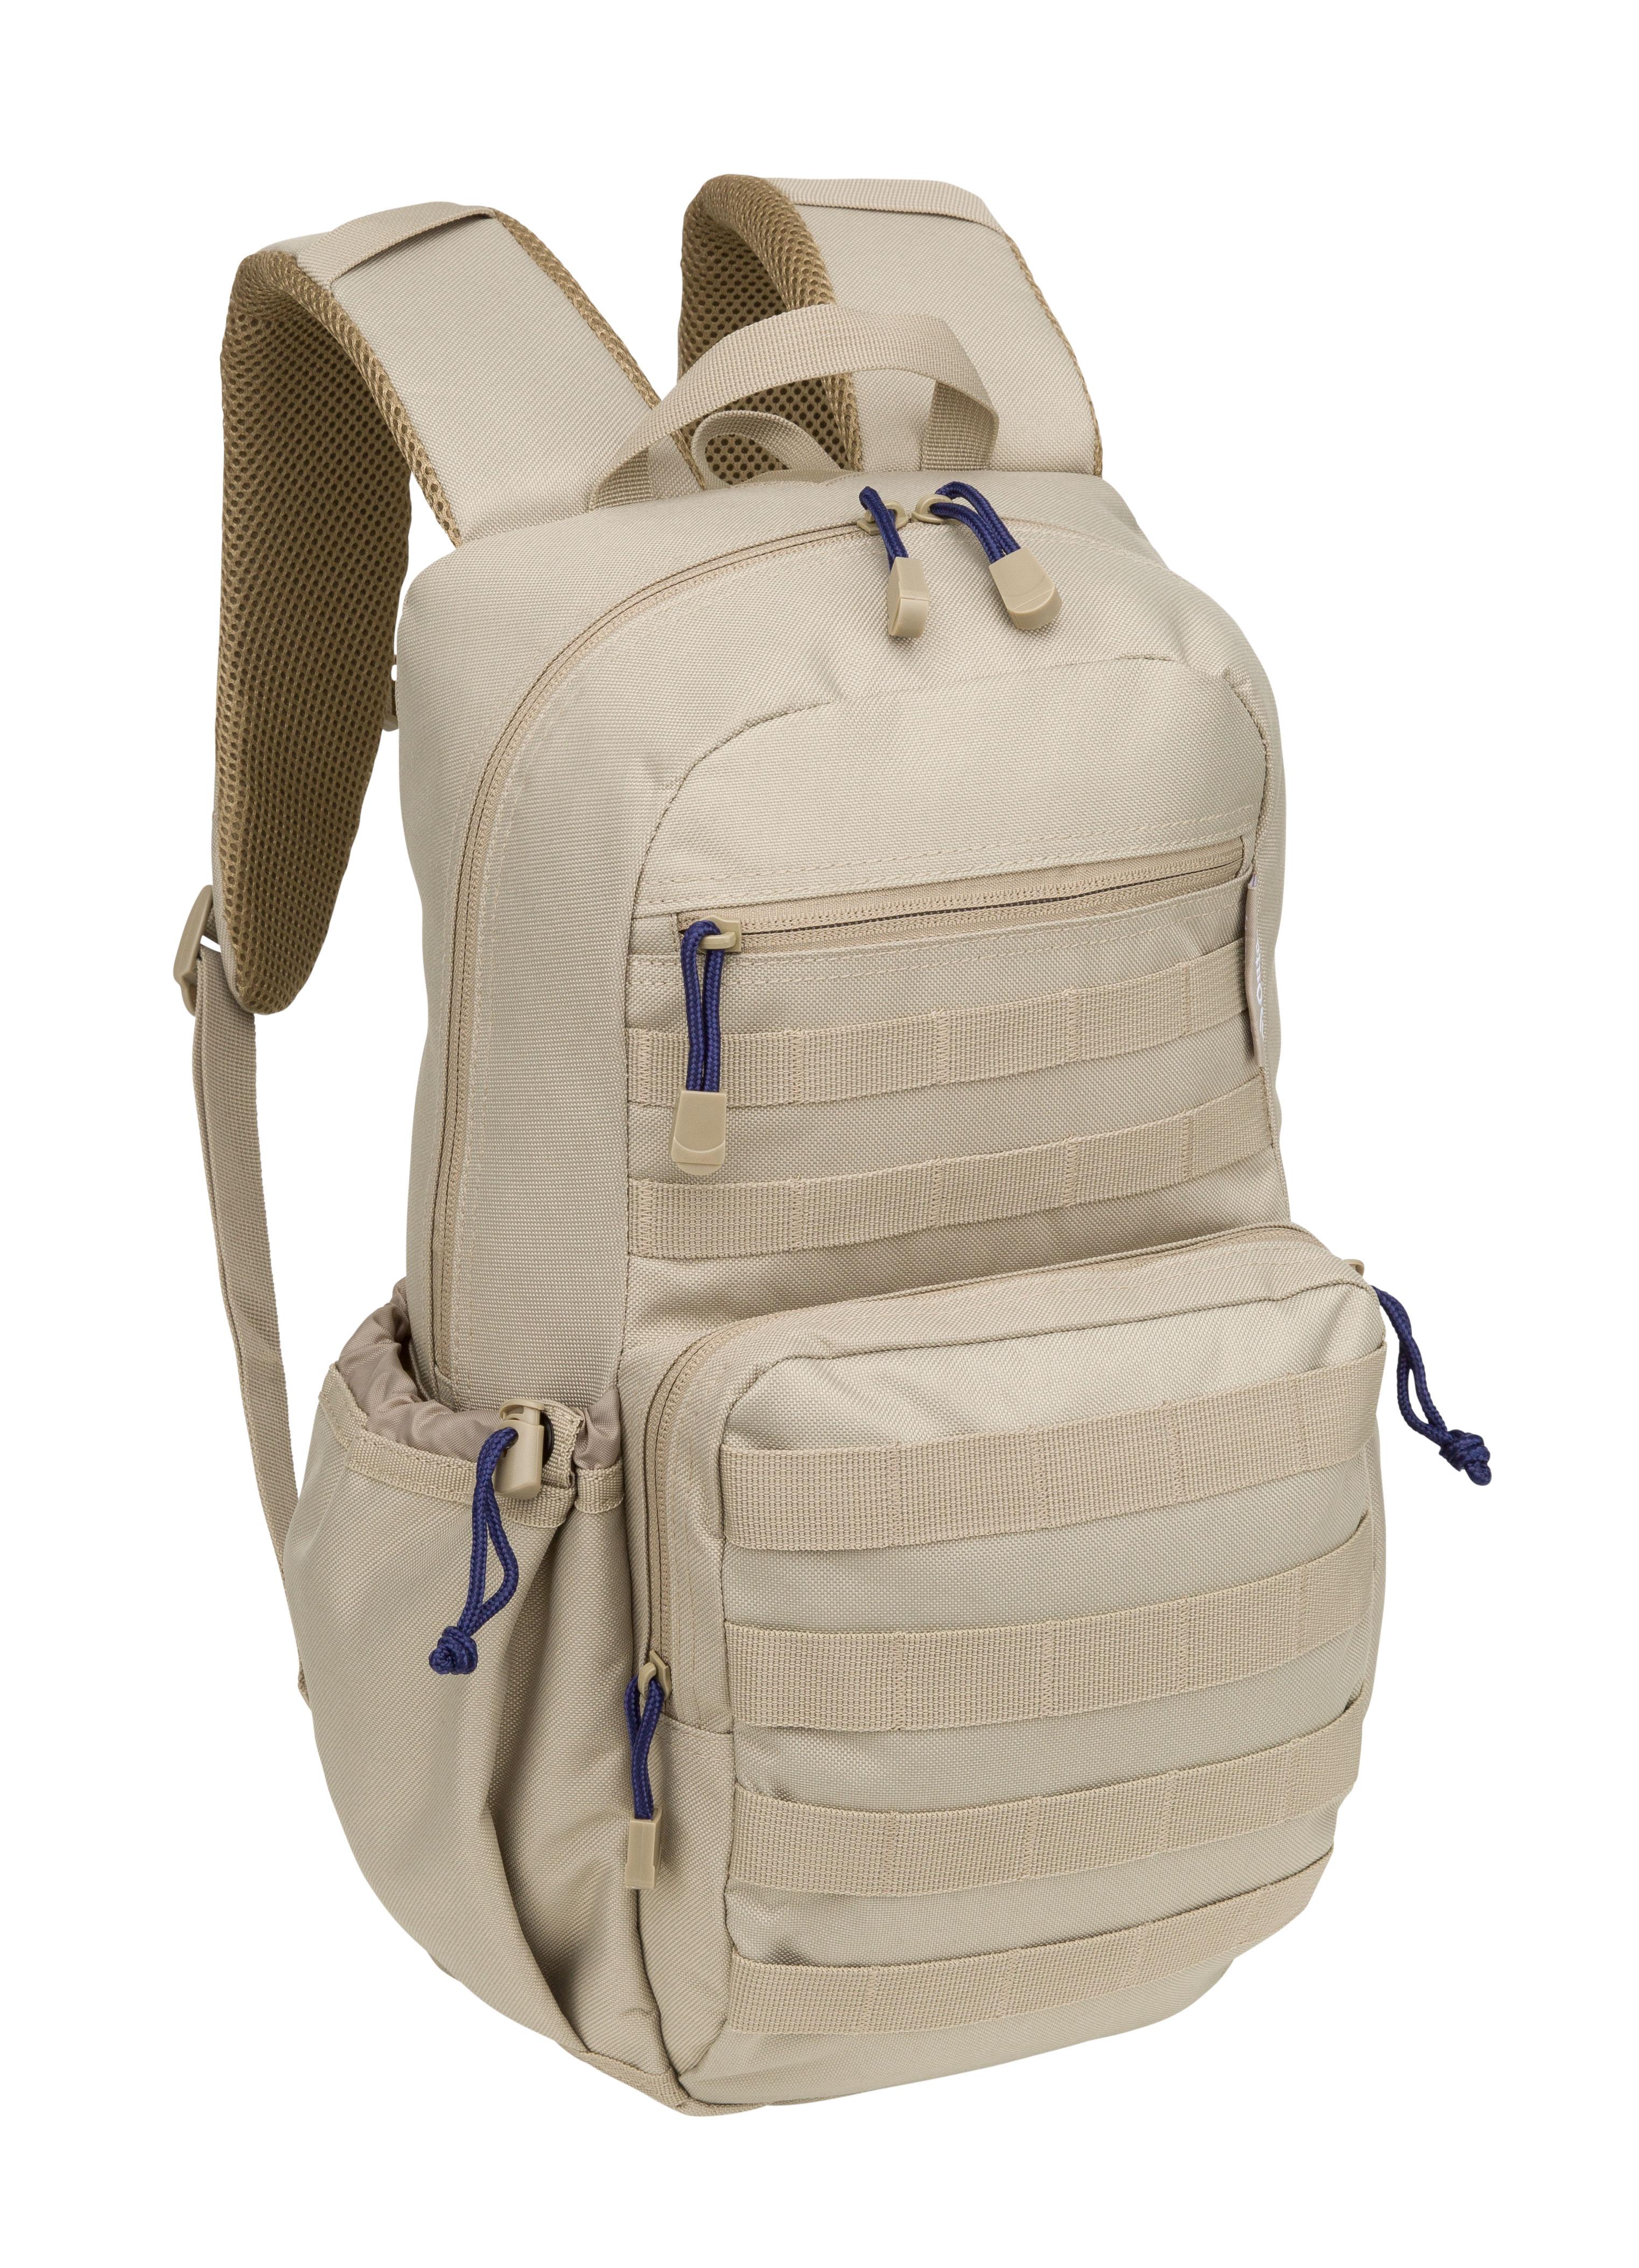 Outdoor Products Venture Backpack Daypack Seneca Rock